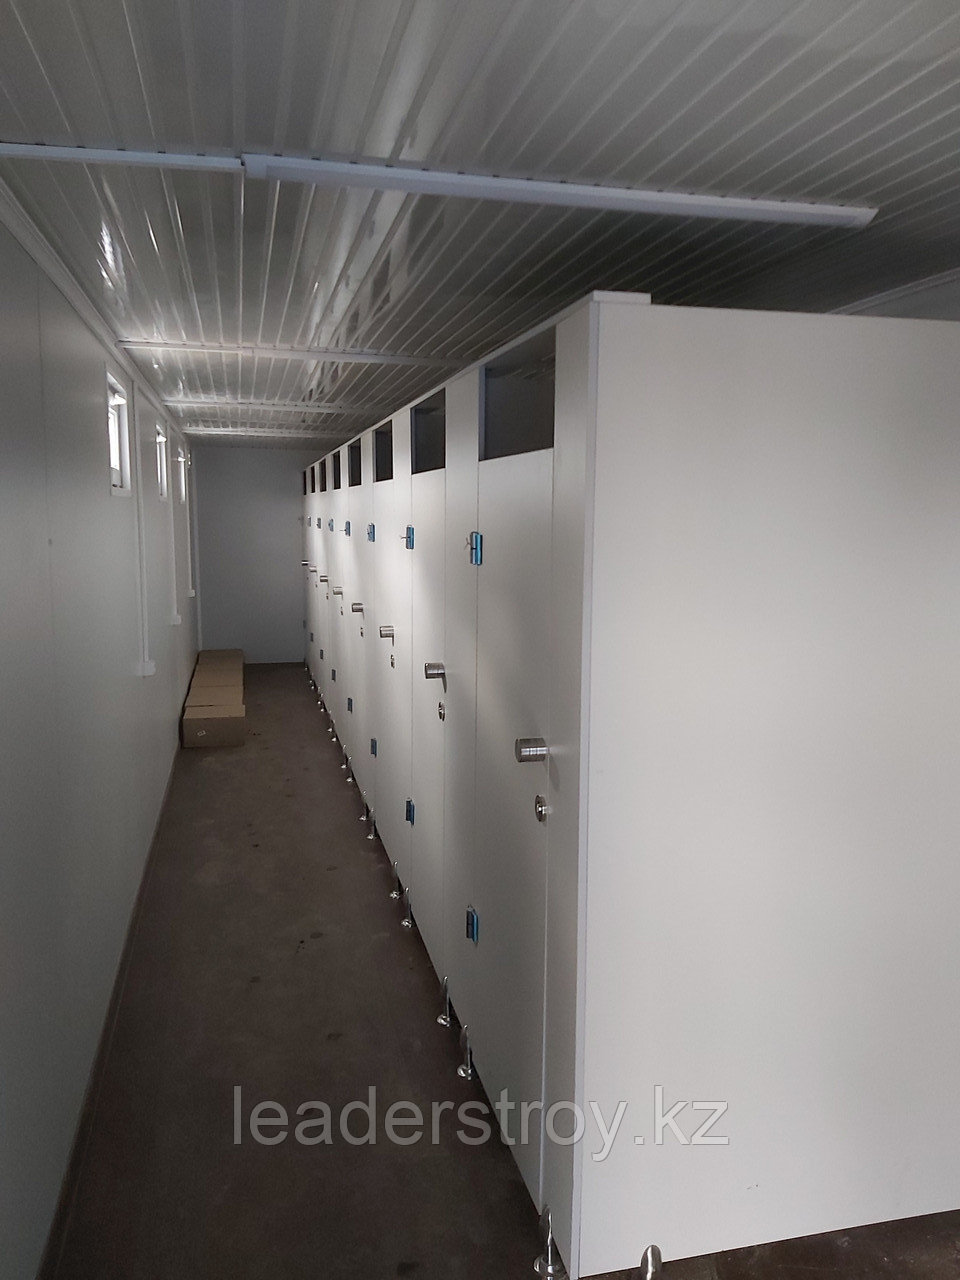 Жилой контейнер 40 фут. под туалет на 8 кабинок